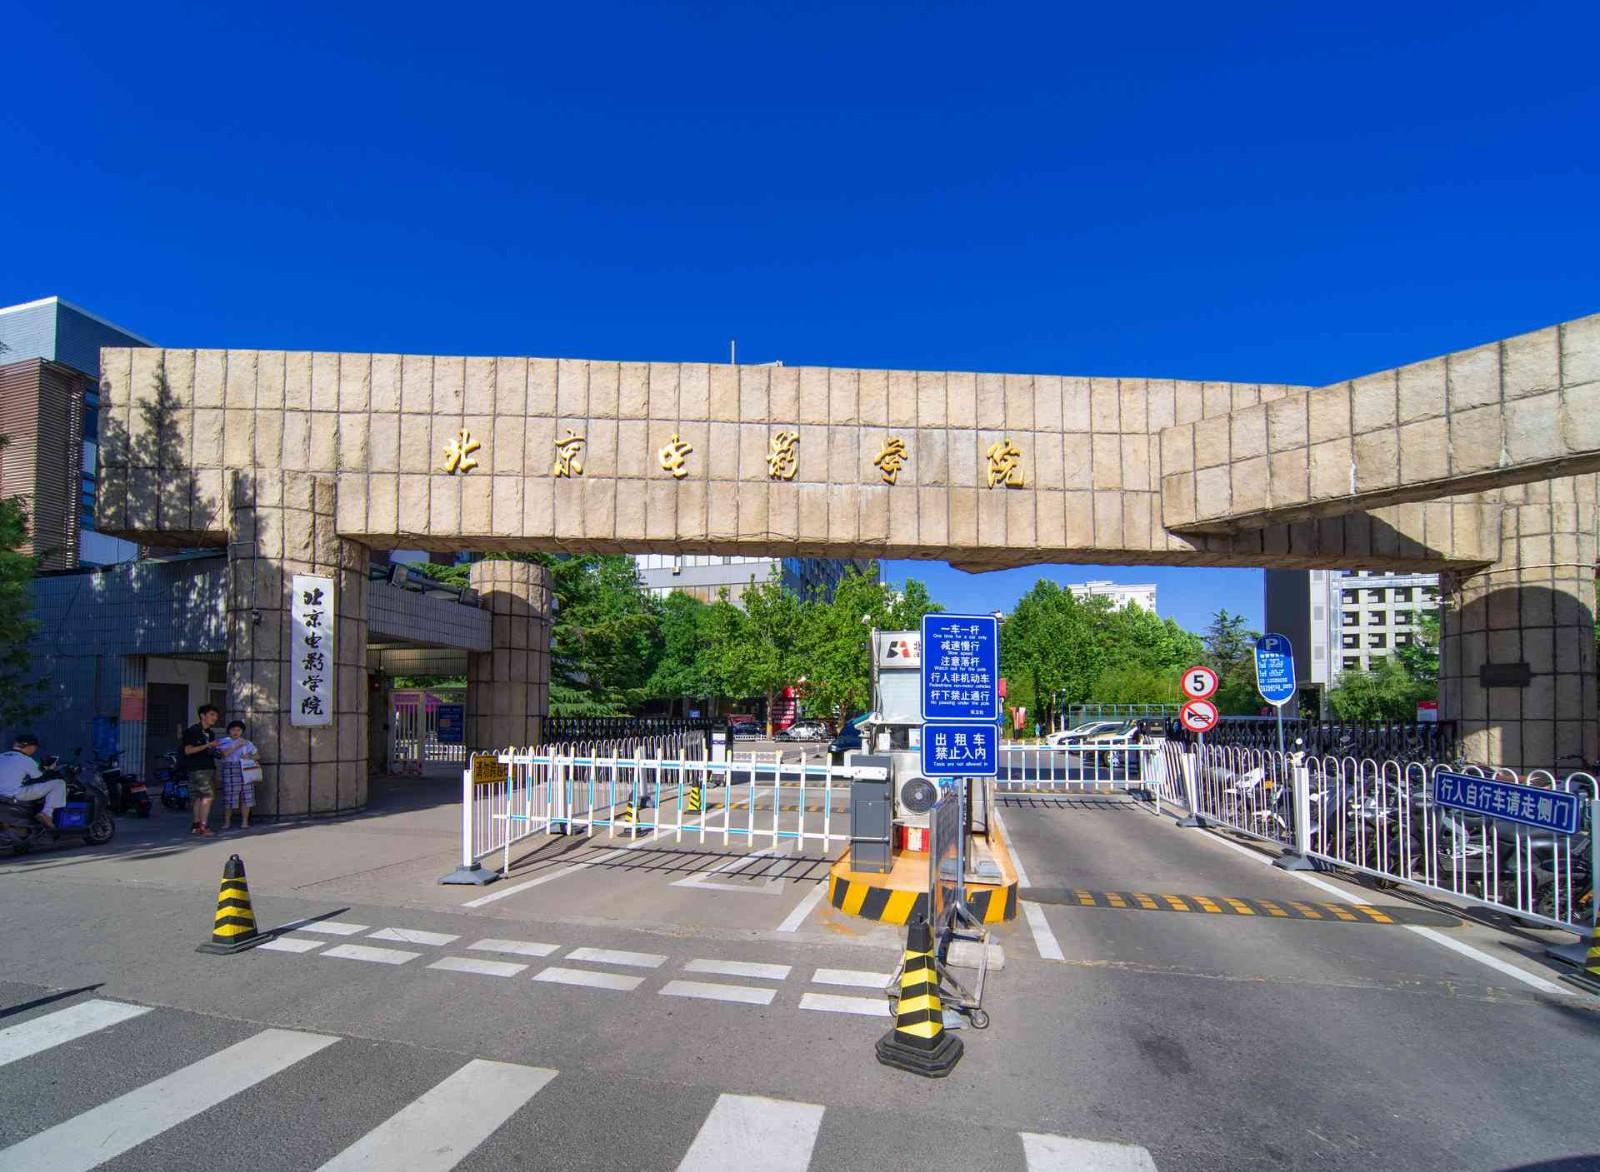 北京電影學院大門